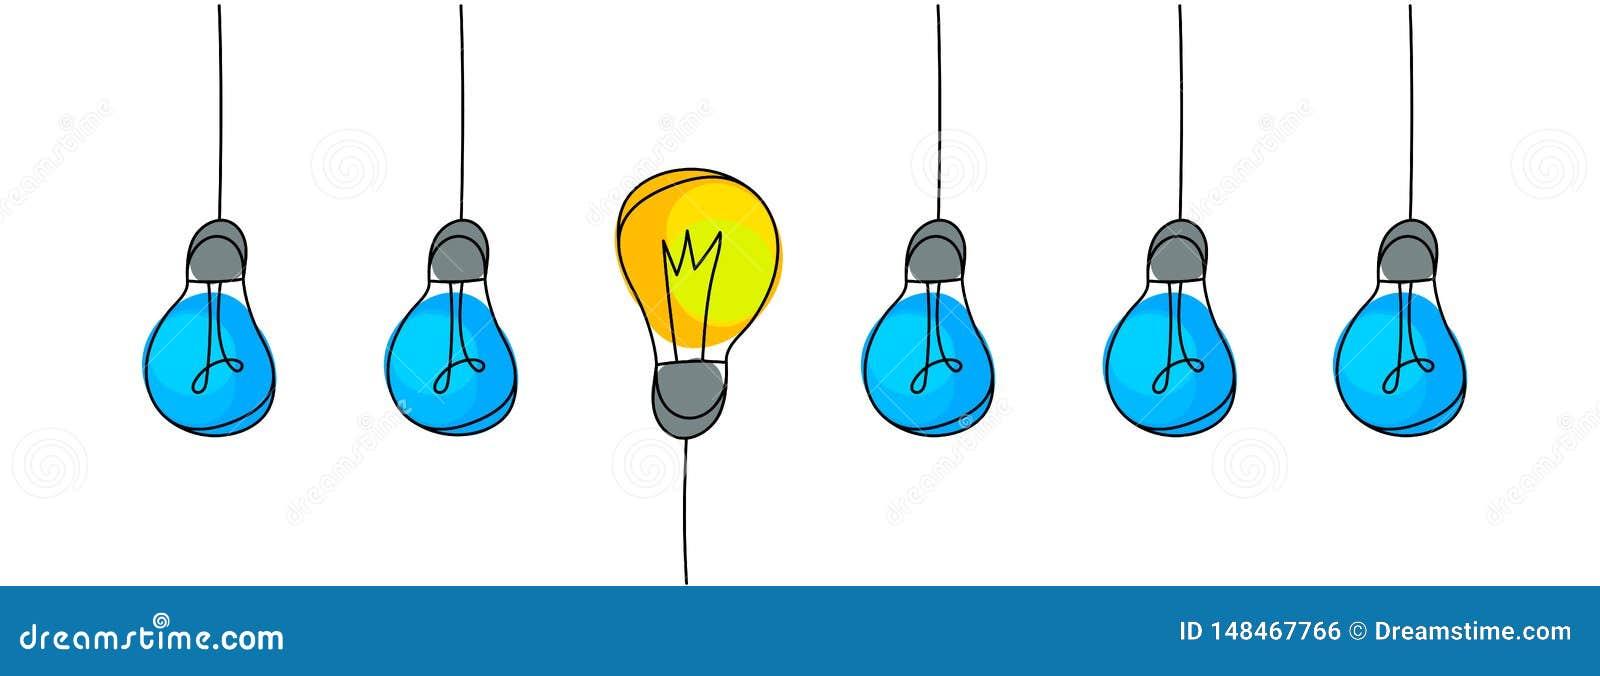 电灯泡,想法的概念